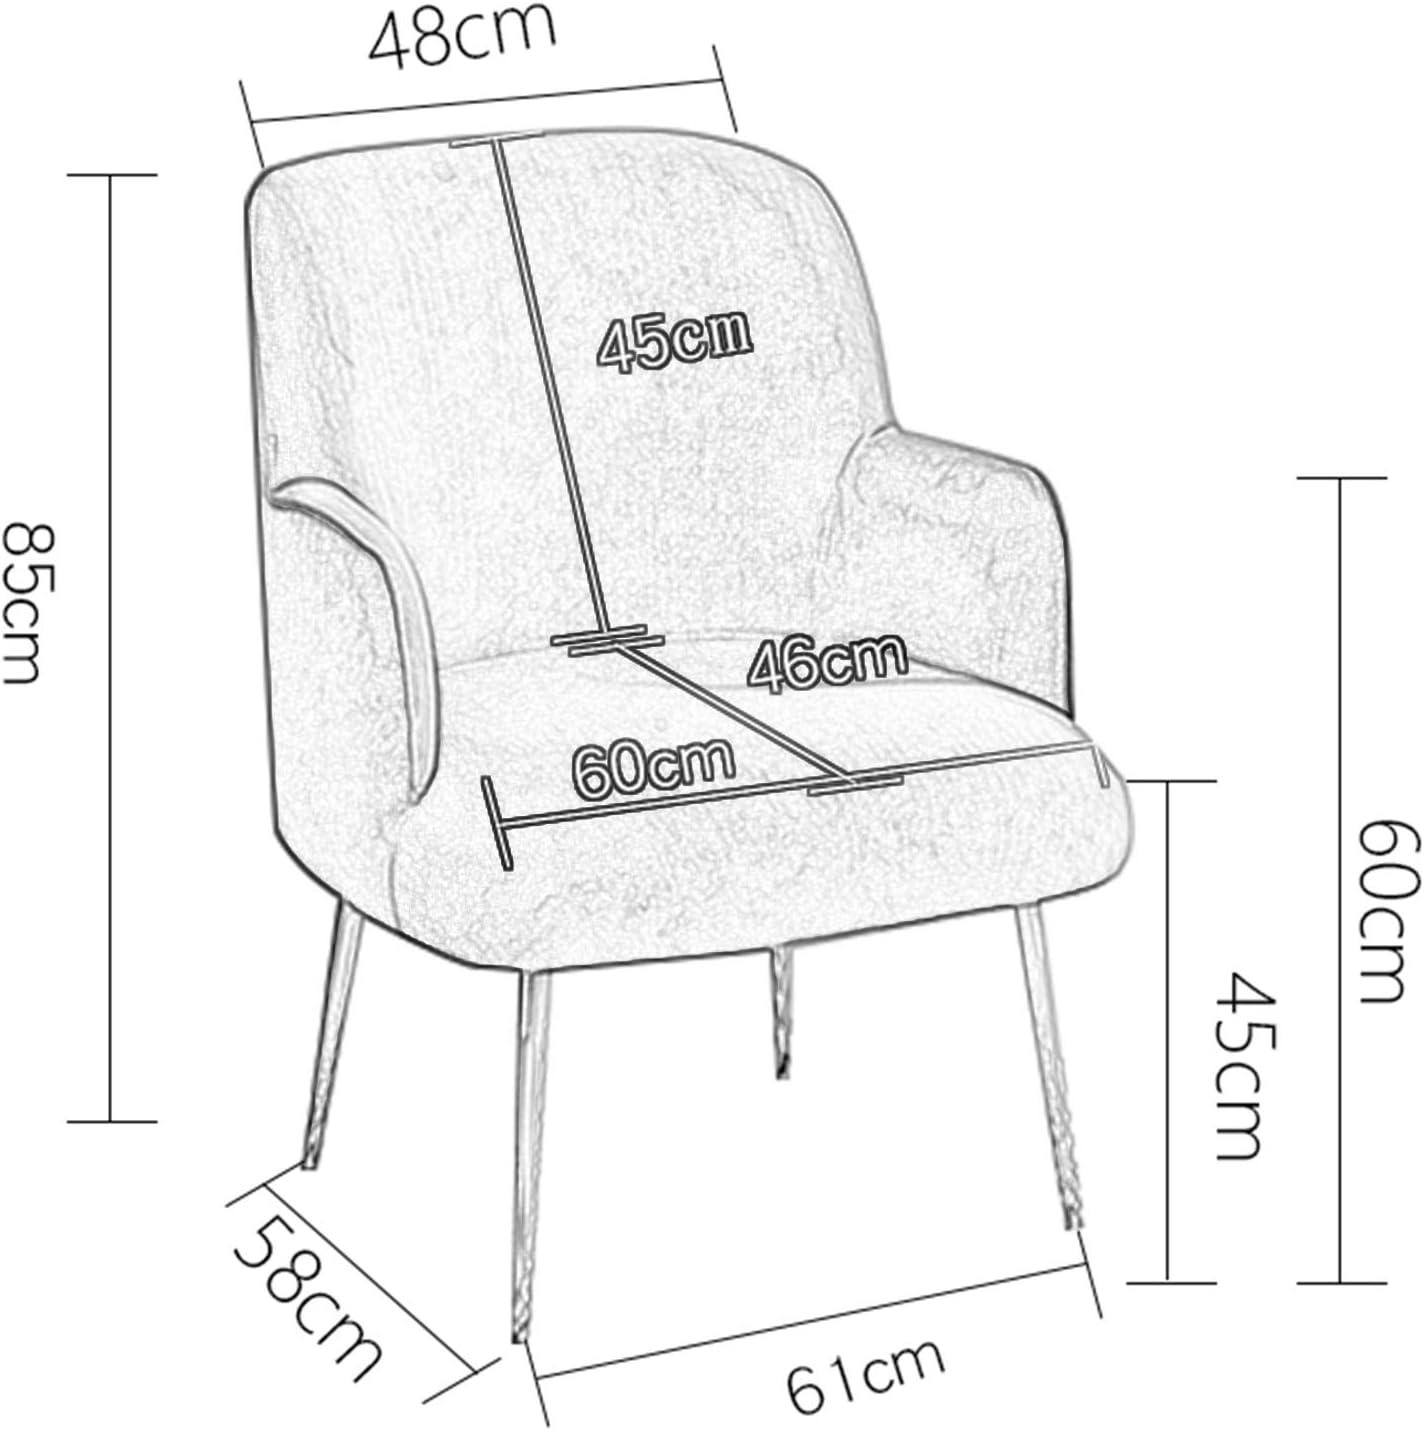 Chaise Simple De Sofa De Flanelle, Fauteuil De Terrasse De Famille d'art De Fer avec Le Jaune De Chaise De Dossier Haut 1111S(Color:Rose foncé) Gris